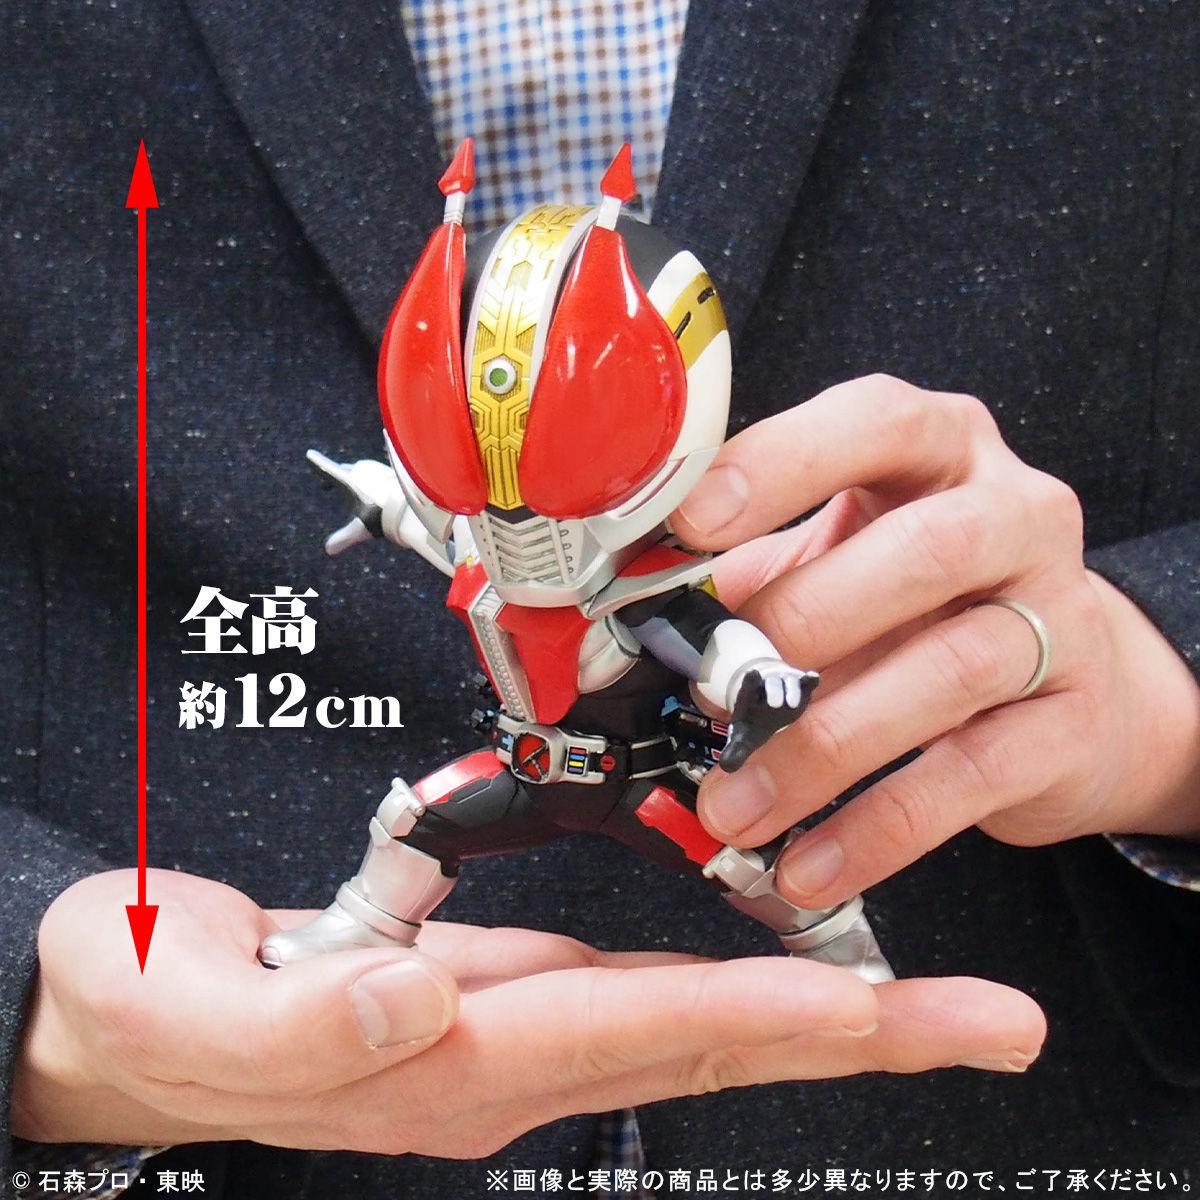 【限定販売】デフォリアル『仮面ライダー電王 ソードフォーム』完成品フィギュア-009